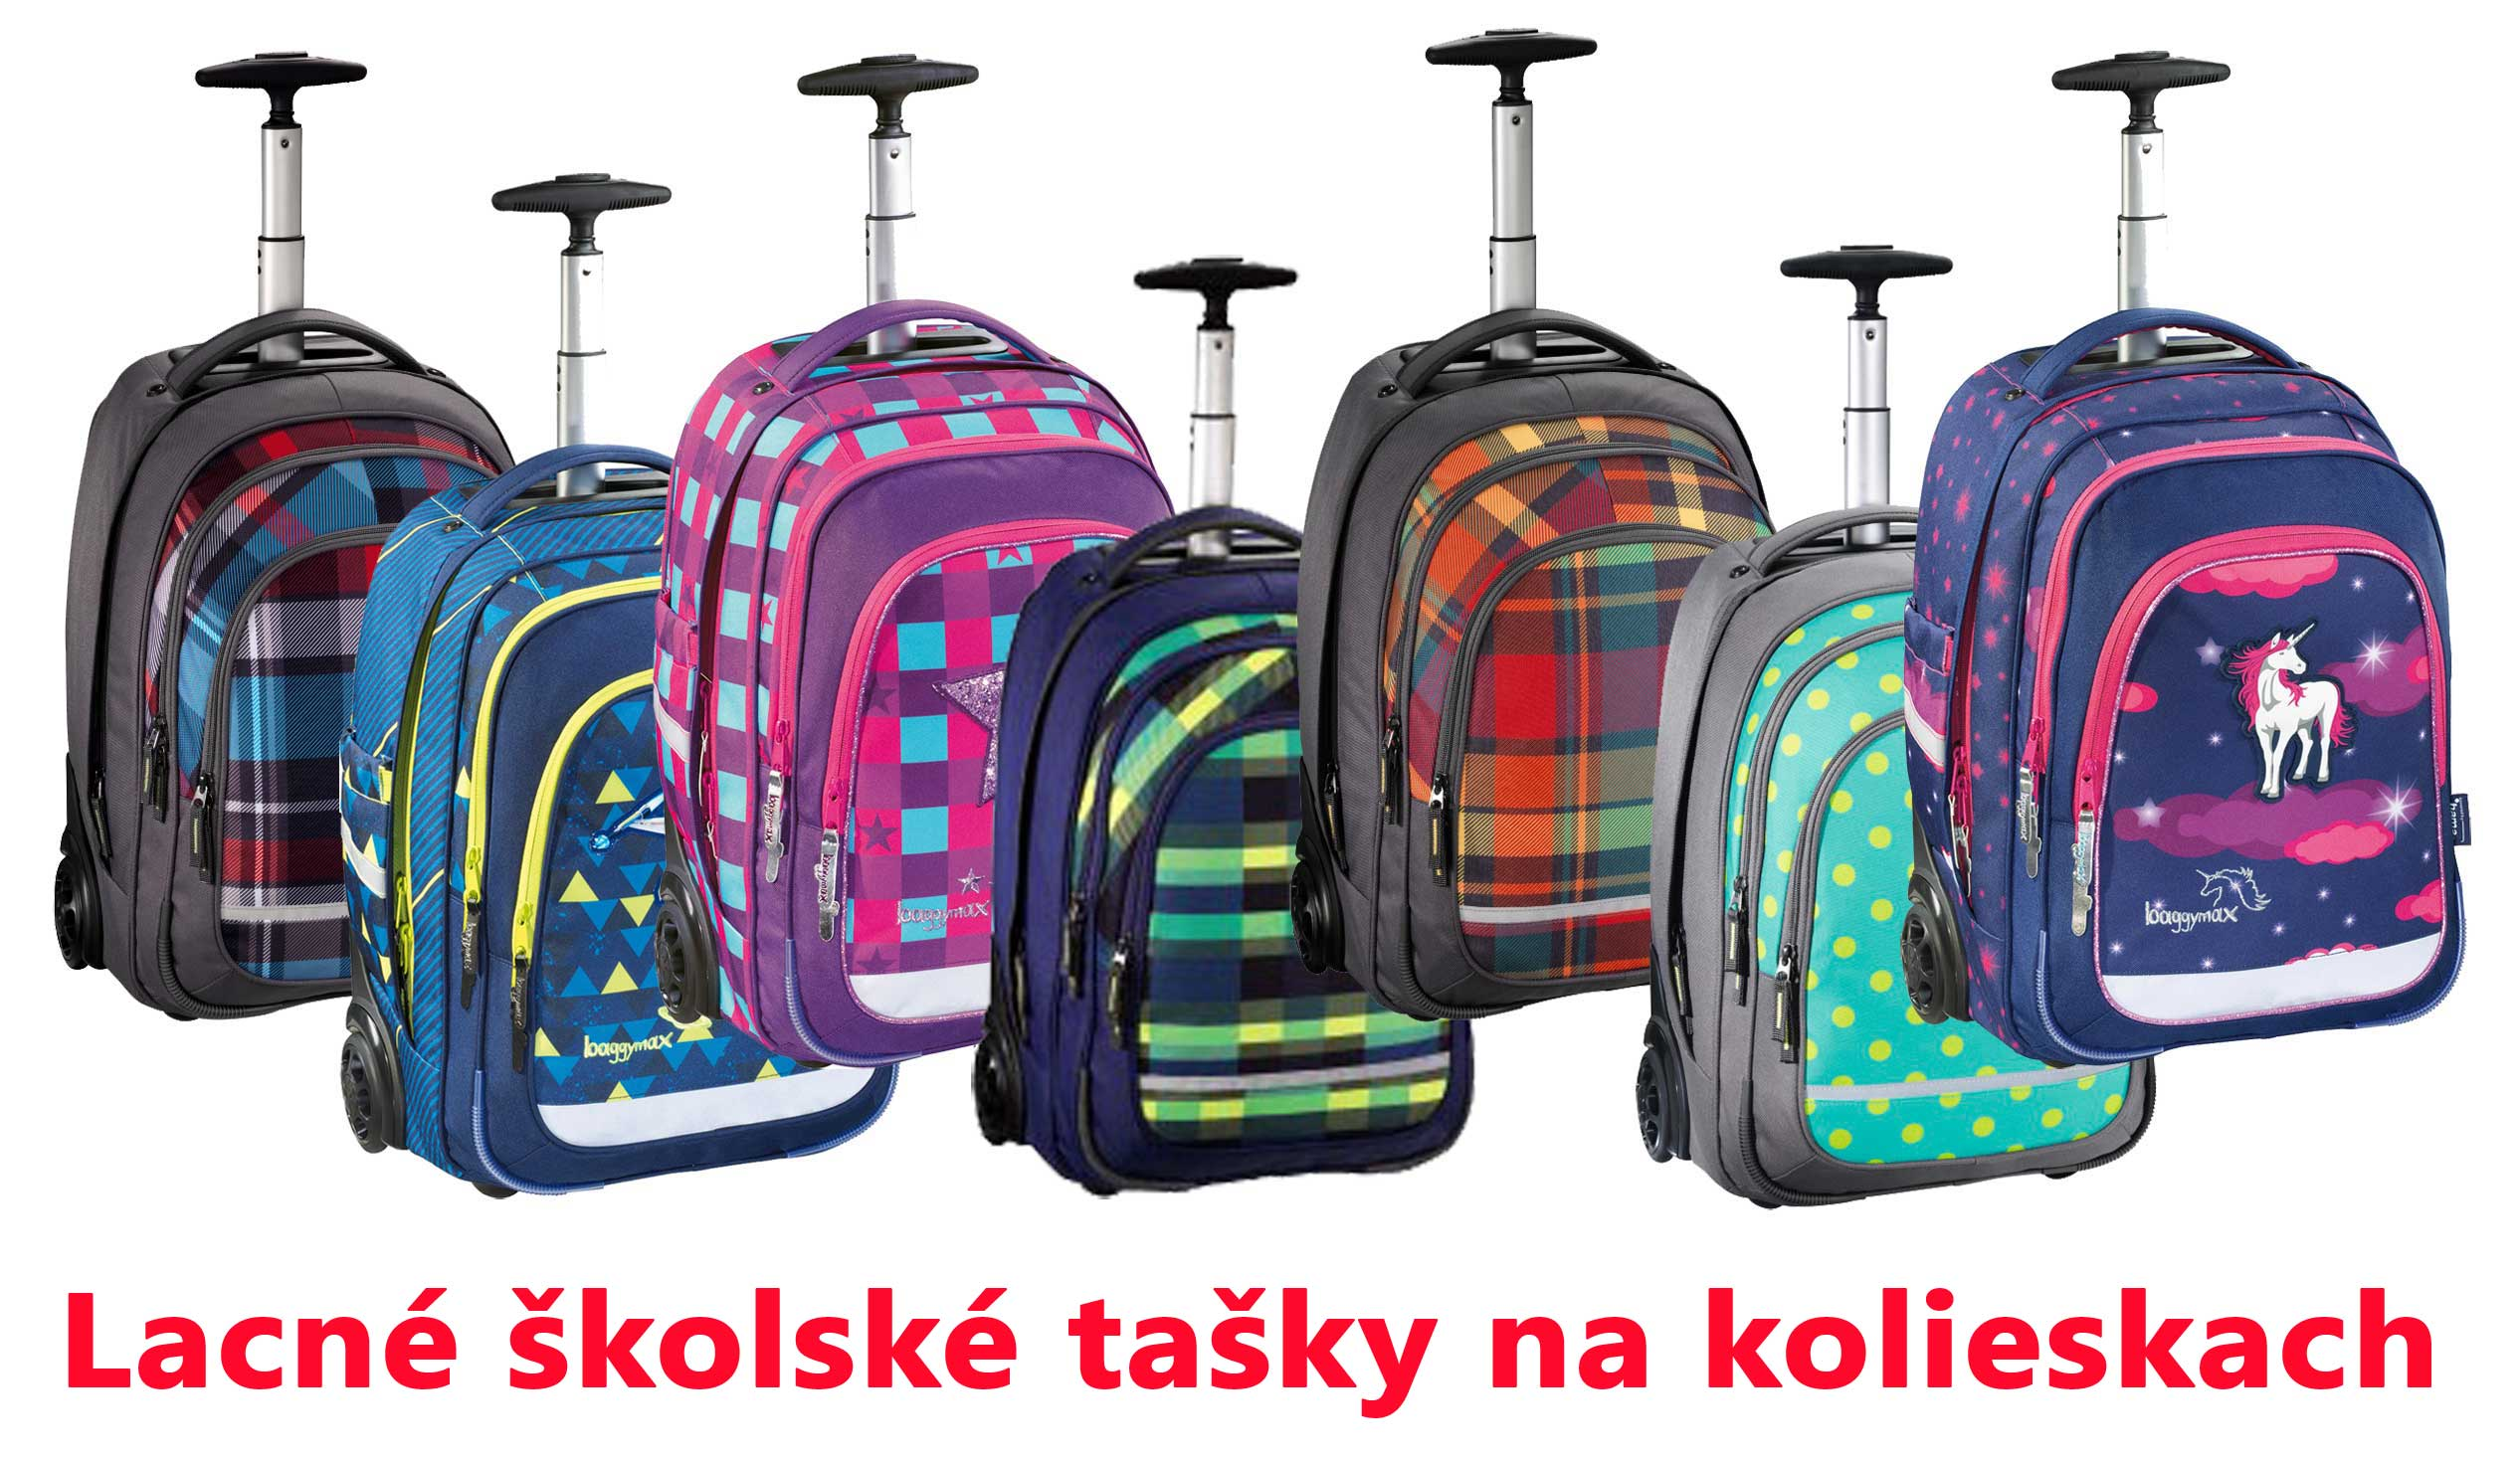 f3a0e50468 Lacné školské tašky na kolieskach predaj